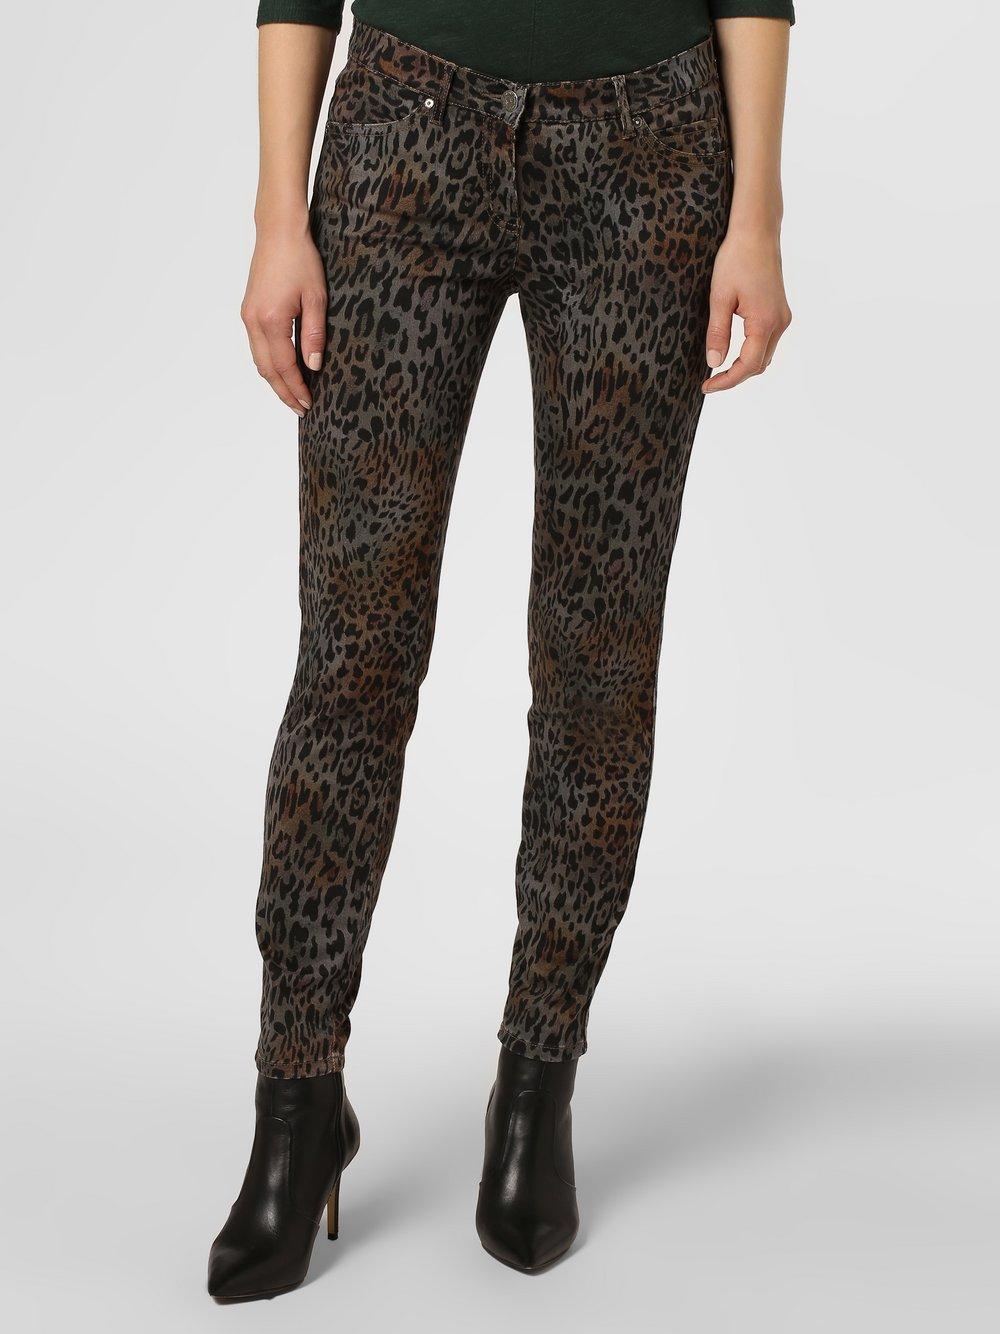 TONI – Spodnie damskie, brązowy Van Graaf 446328-0001-00400